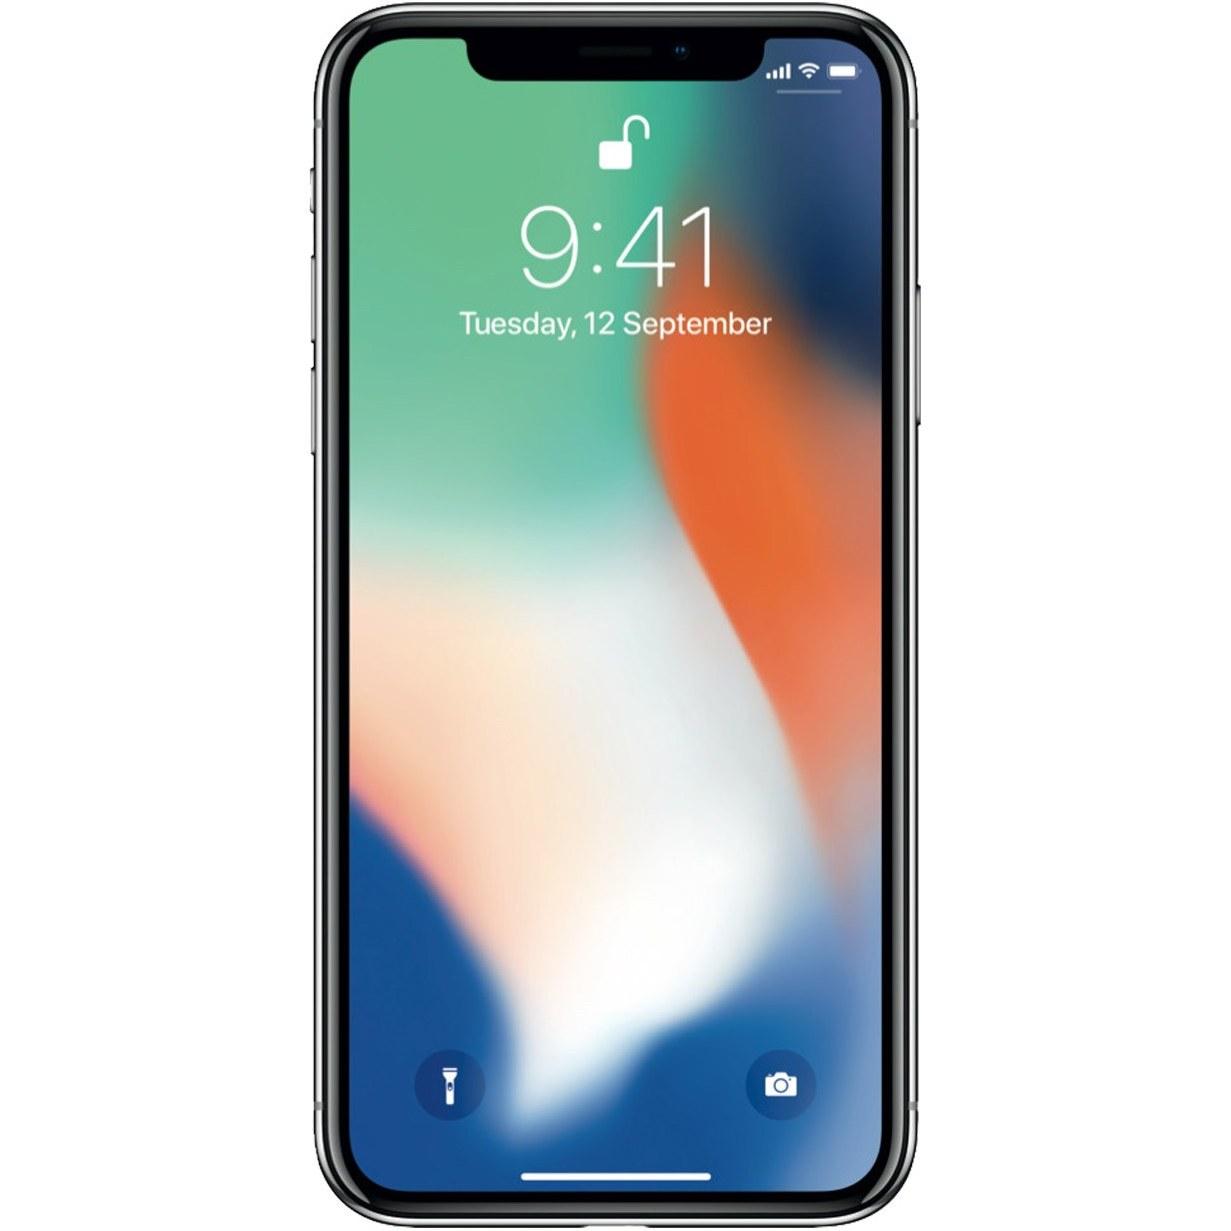 گوشی موبایل اپل مدل iPhone X ظرفیت 256 گیگابایت |